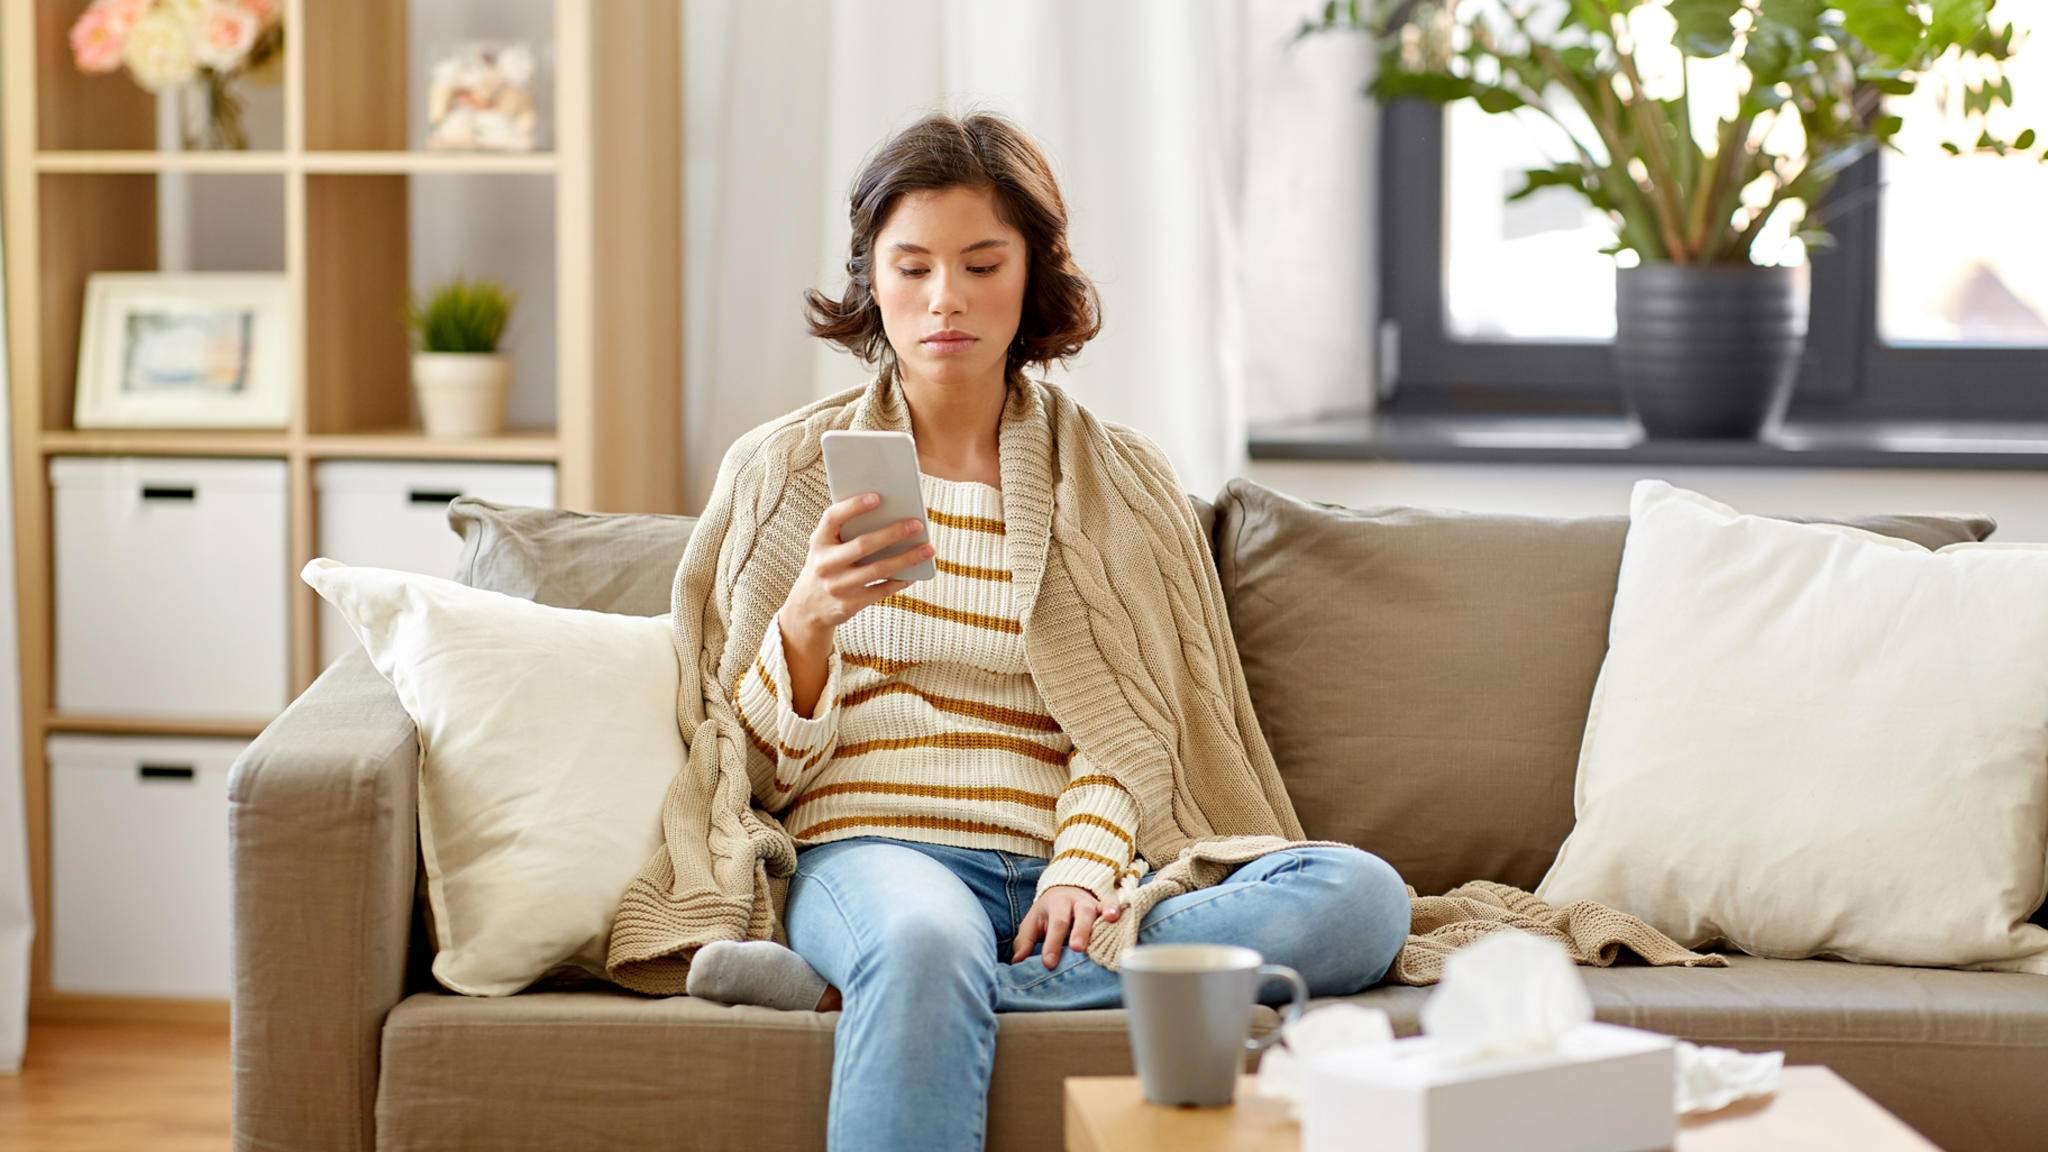 frau krank smartphone wohnzimmer